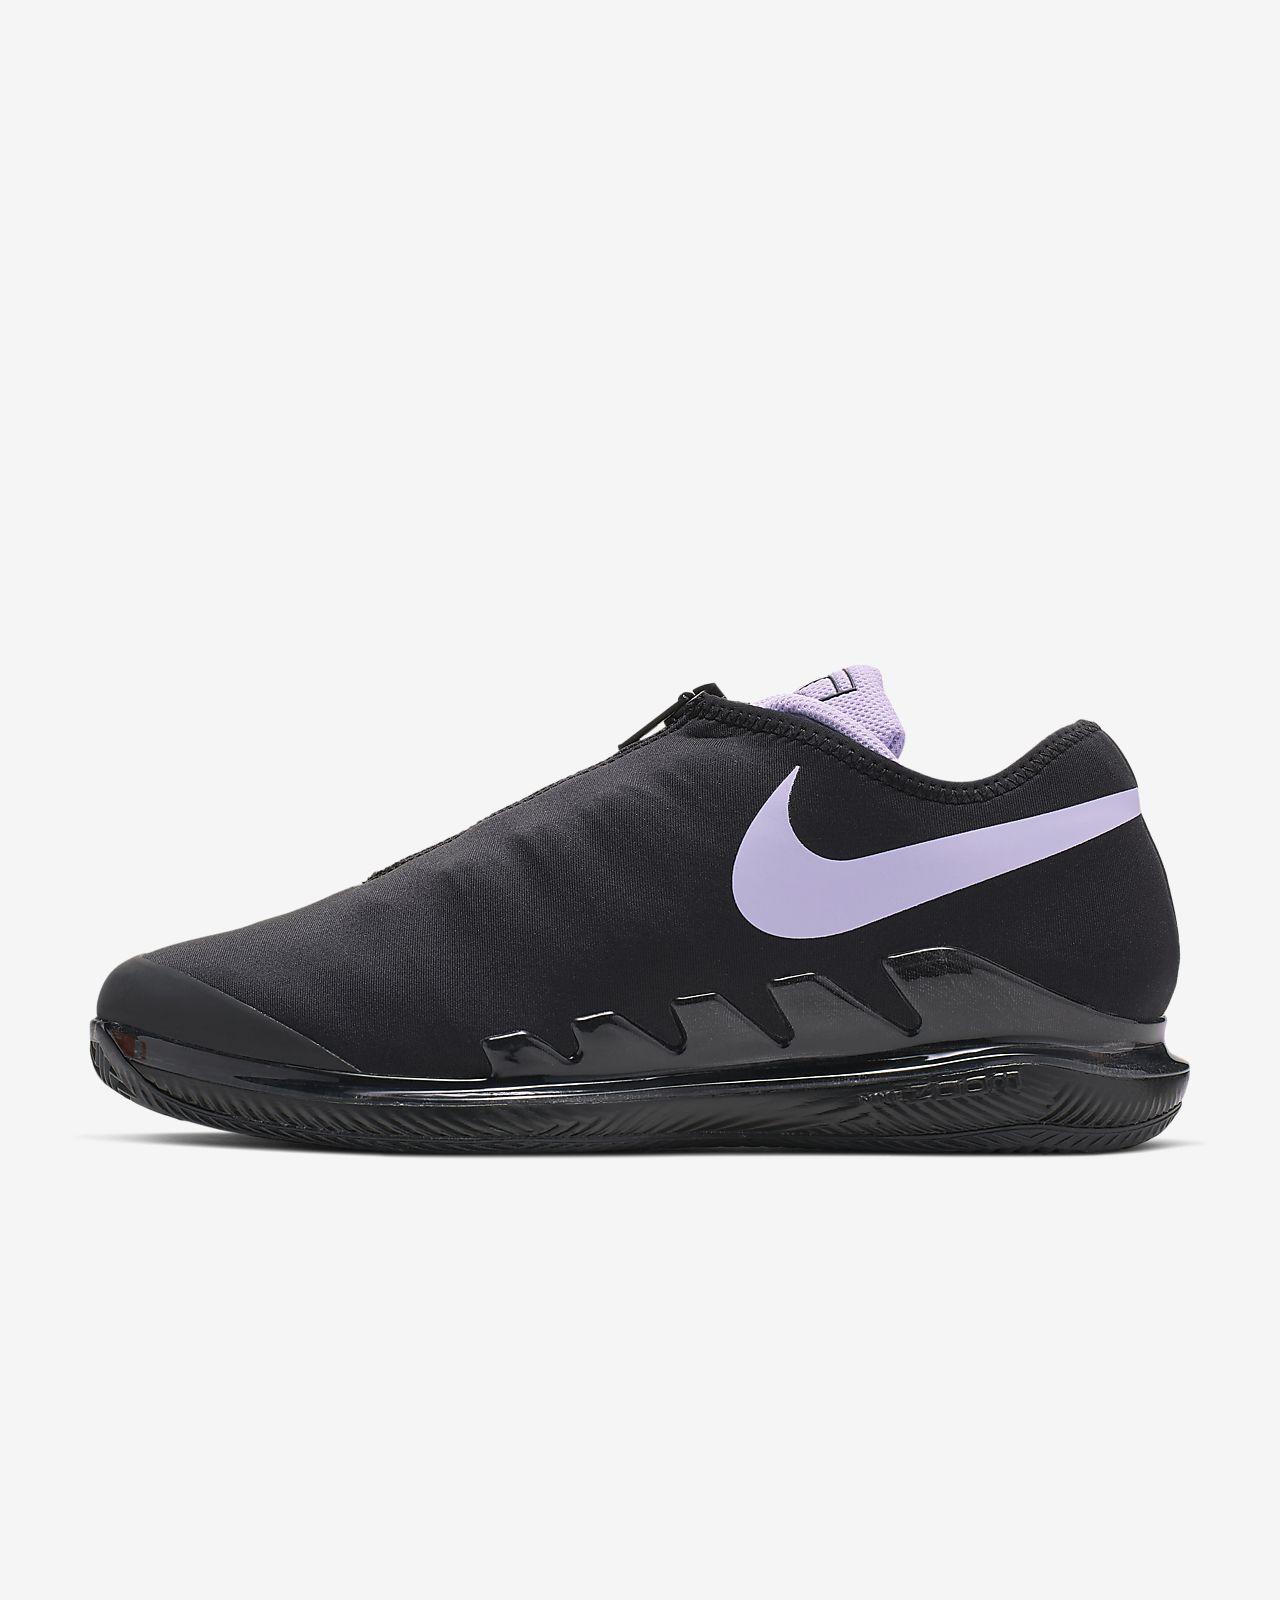 official photos 8a427 f4565 ... Damskie buty do gry w tenisa na kortach ziemnych NikeCourt Air Zoom  Vapor X Glove